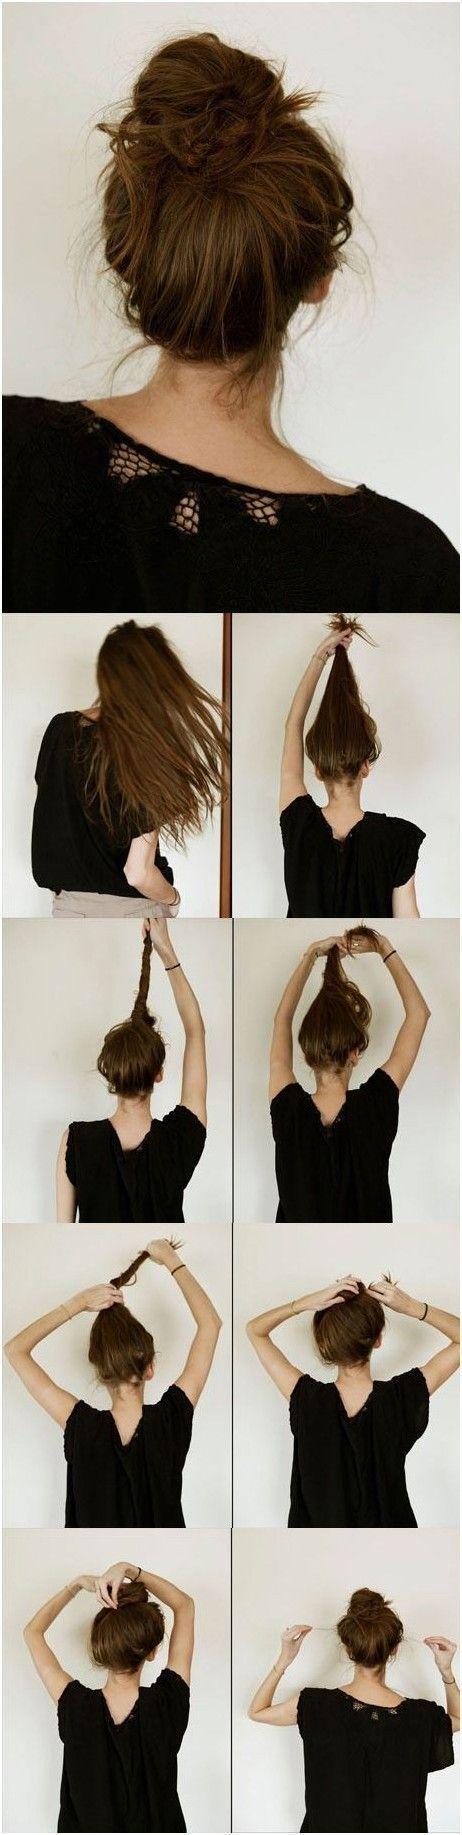 梅雨だって汗をかいたって、可愛いヘアスタイルで乗り切る♡夏のヘアアレンジBOOK〜ロング編〜 - Yahoo! BEAUTY